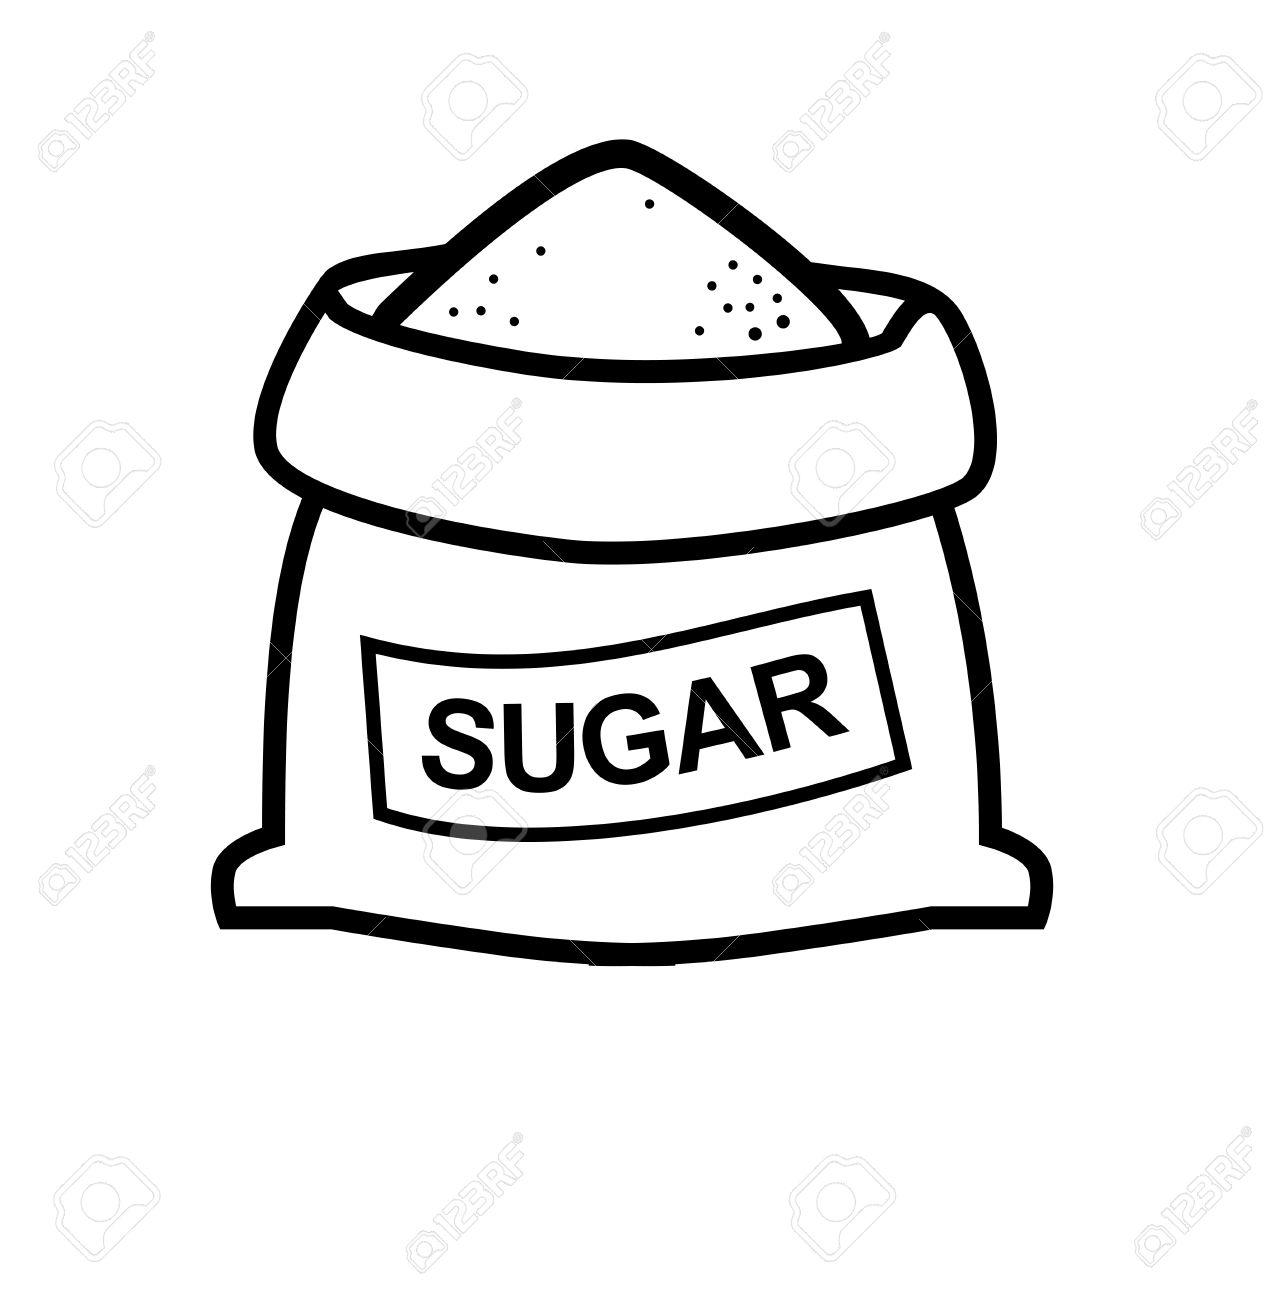 Sugar clipart Clipart Free Clip Art sugar%20clipart